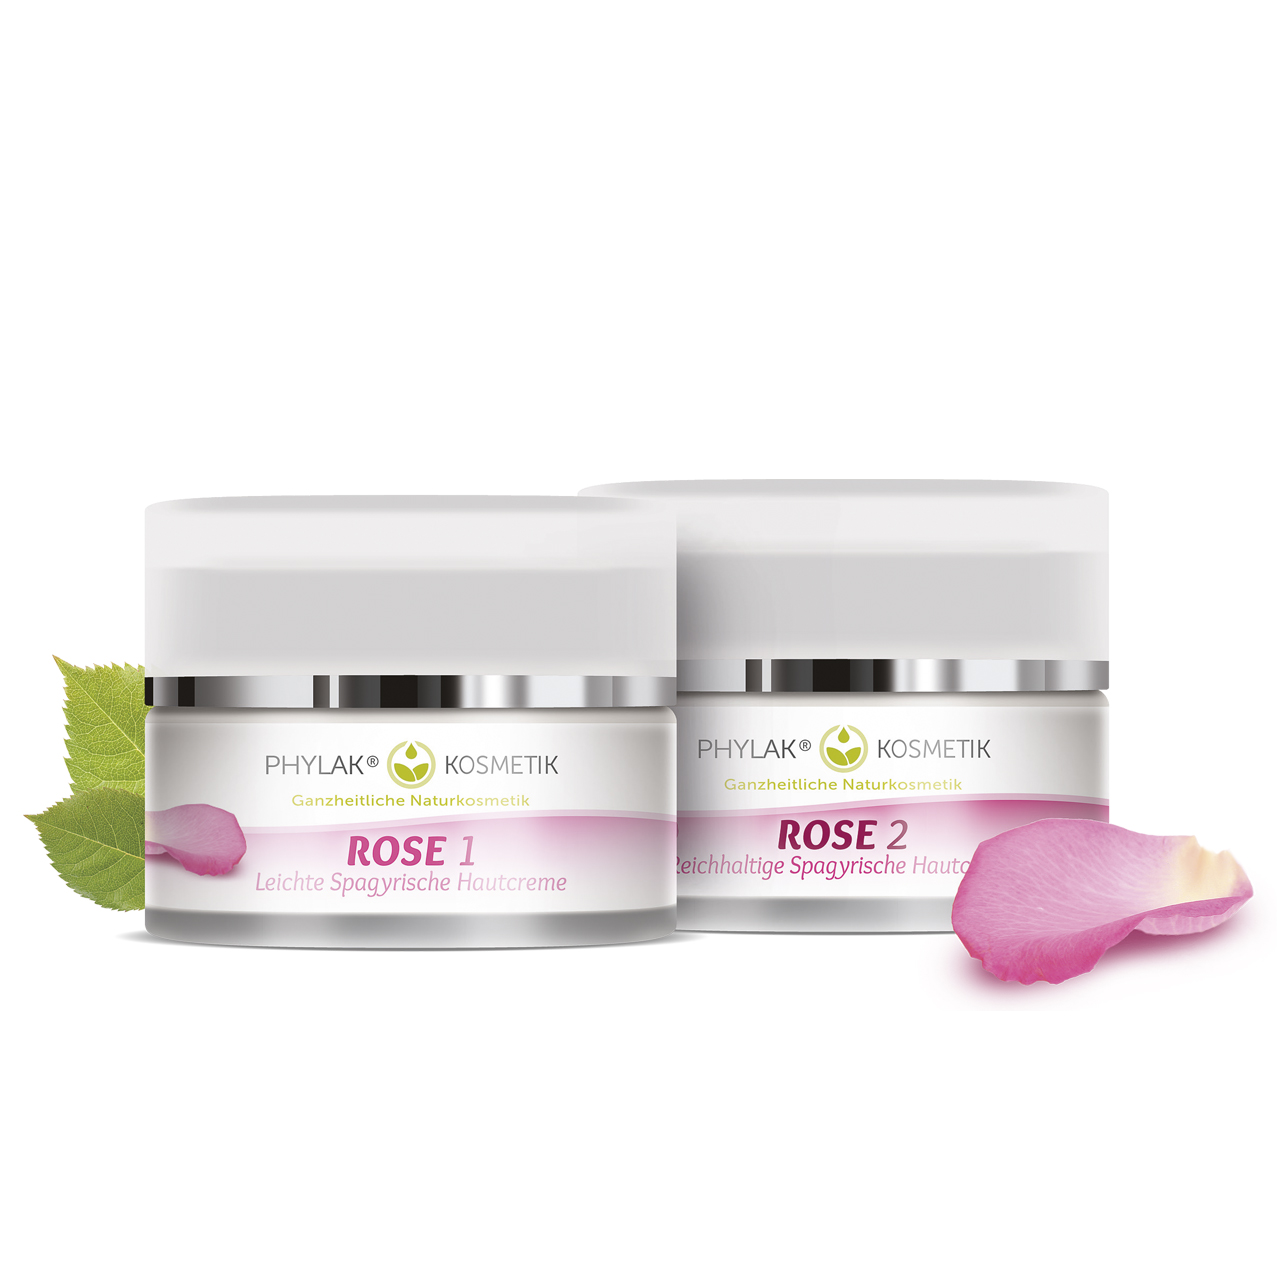 ROSE 1 – Leichte Spagyrische Hautcreme